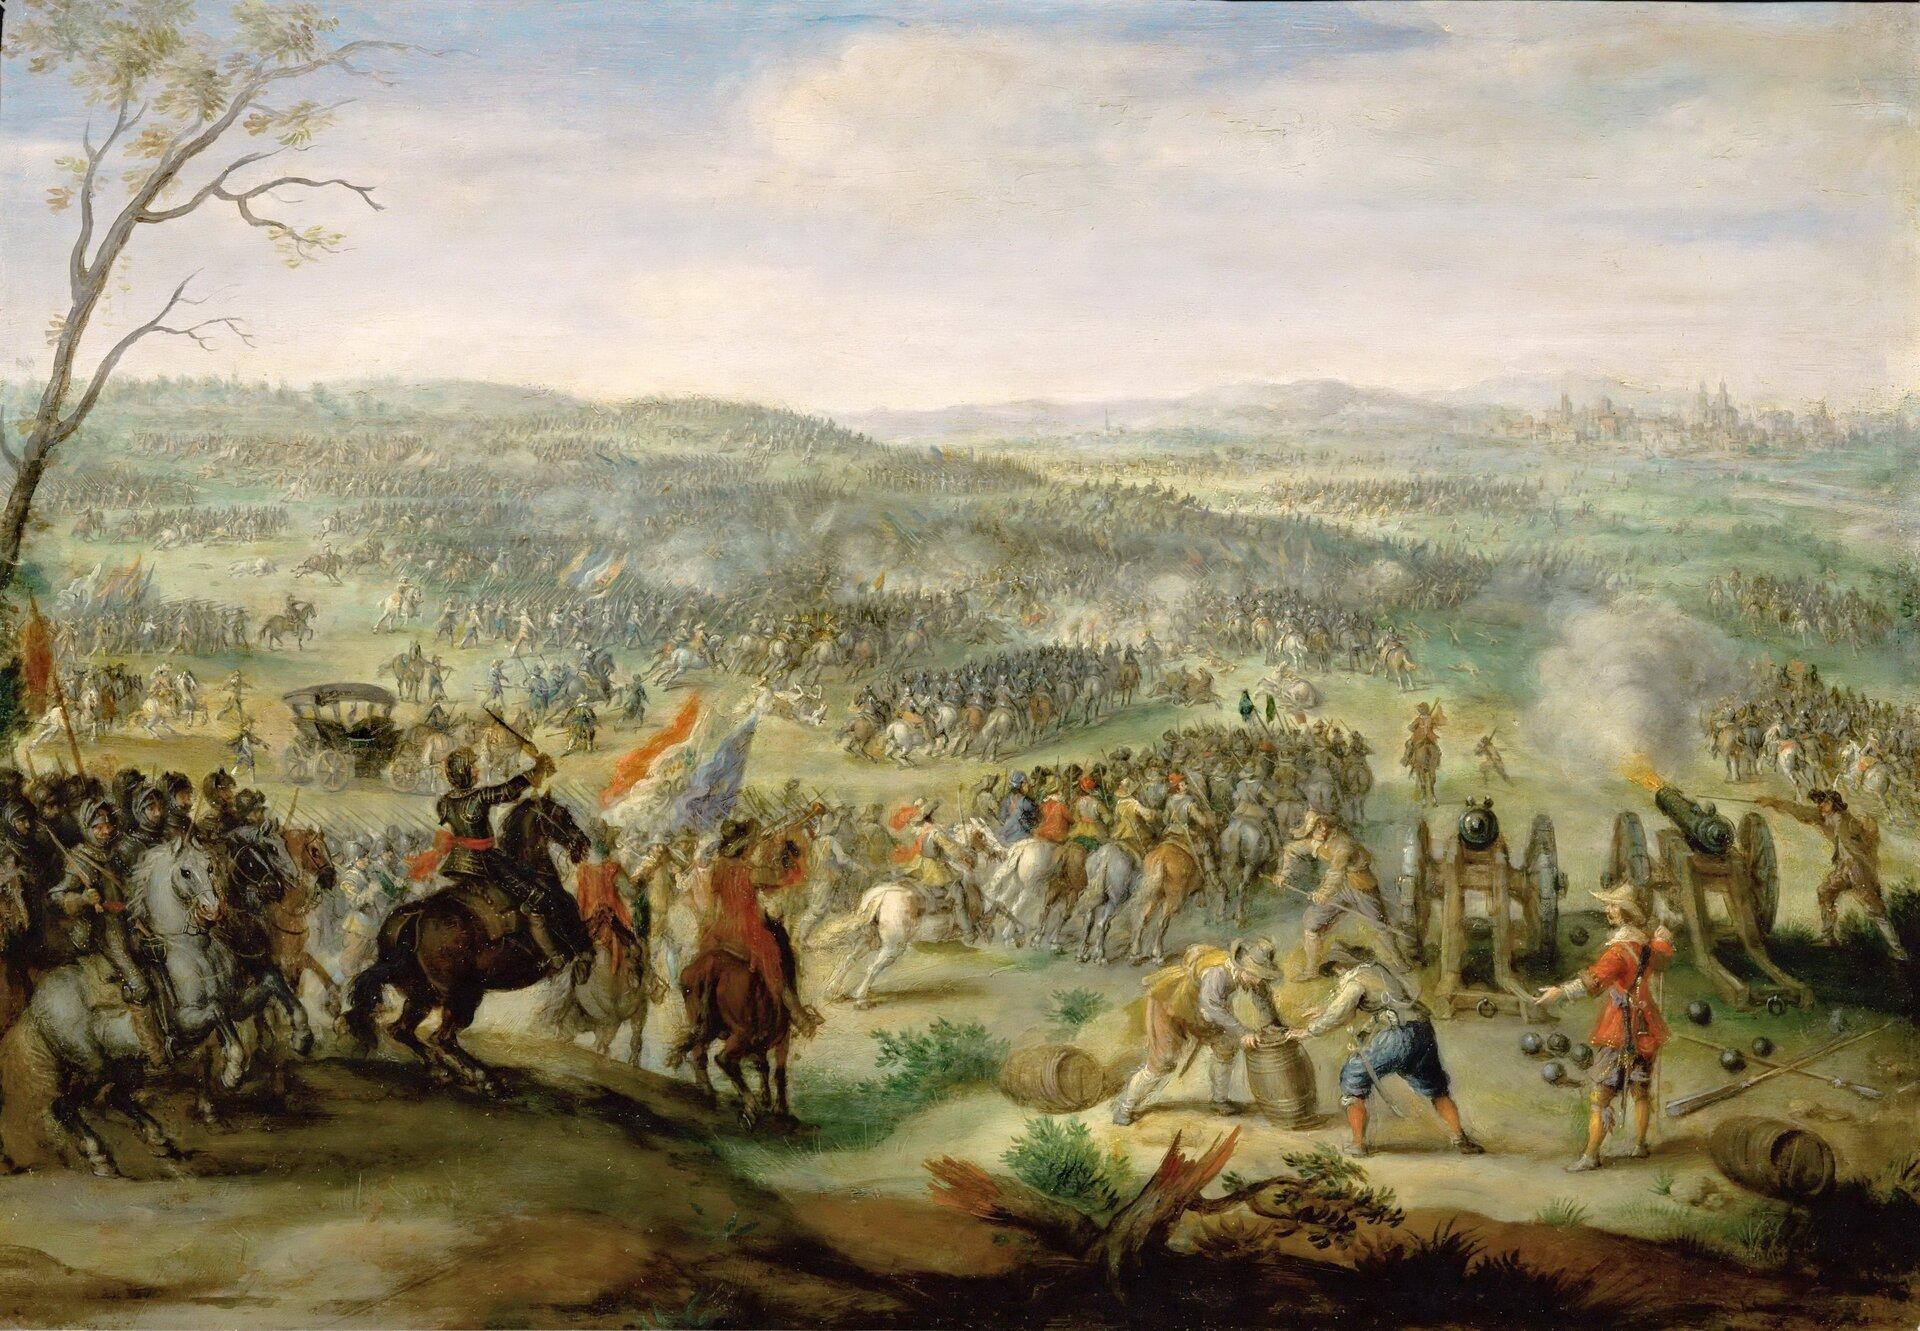 Bitwa na Białej Górze koło Pragi (1620) Inny obraz Pietera Snayersa przedstawiający bitwę pod Białą Górą. Źródło: Pieter Snayers, Bitwa na Białej Górze koło Pragi (1620), olej, blacha miedziana, Luwr, Paryż, domena publiczna.